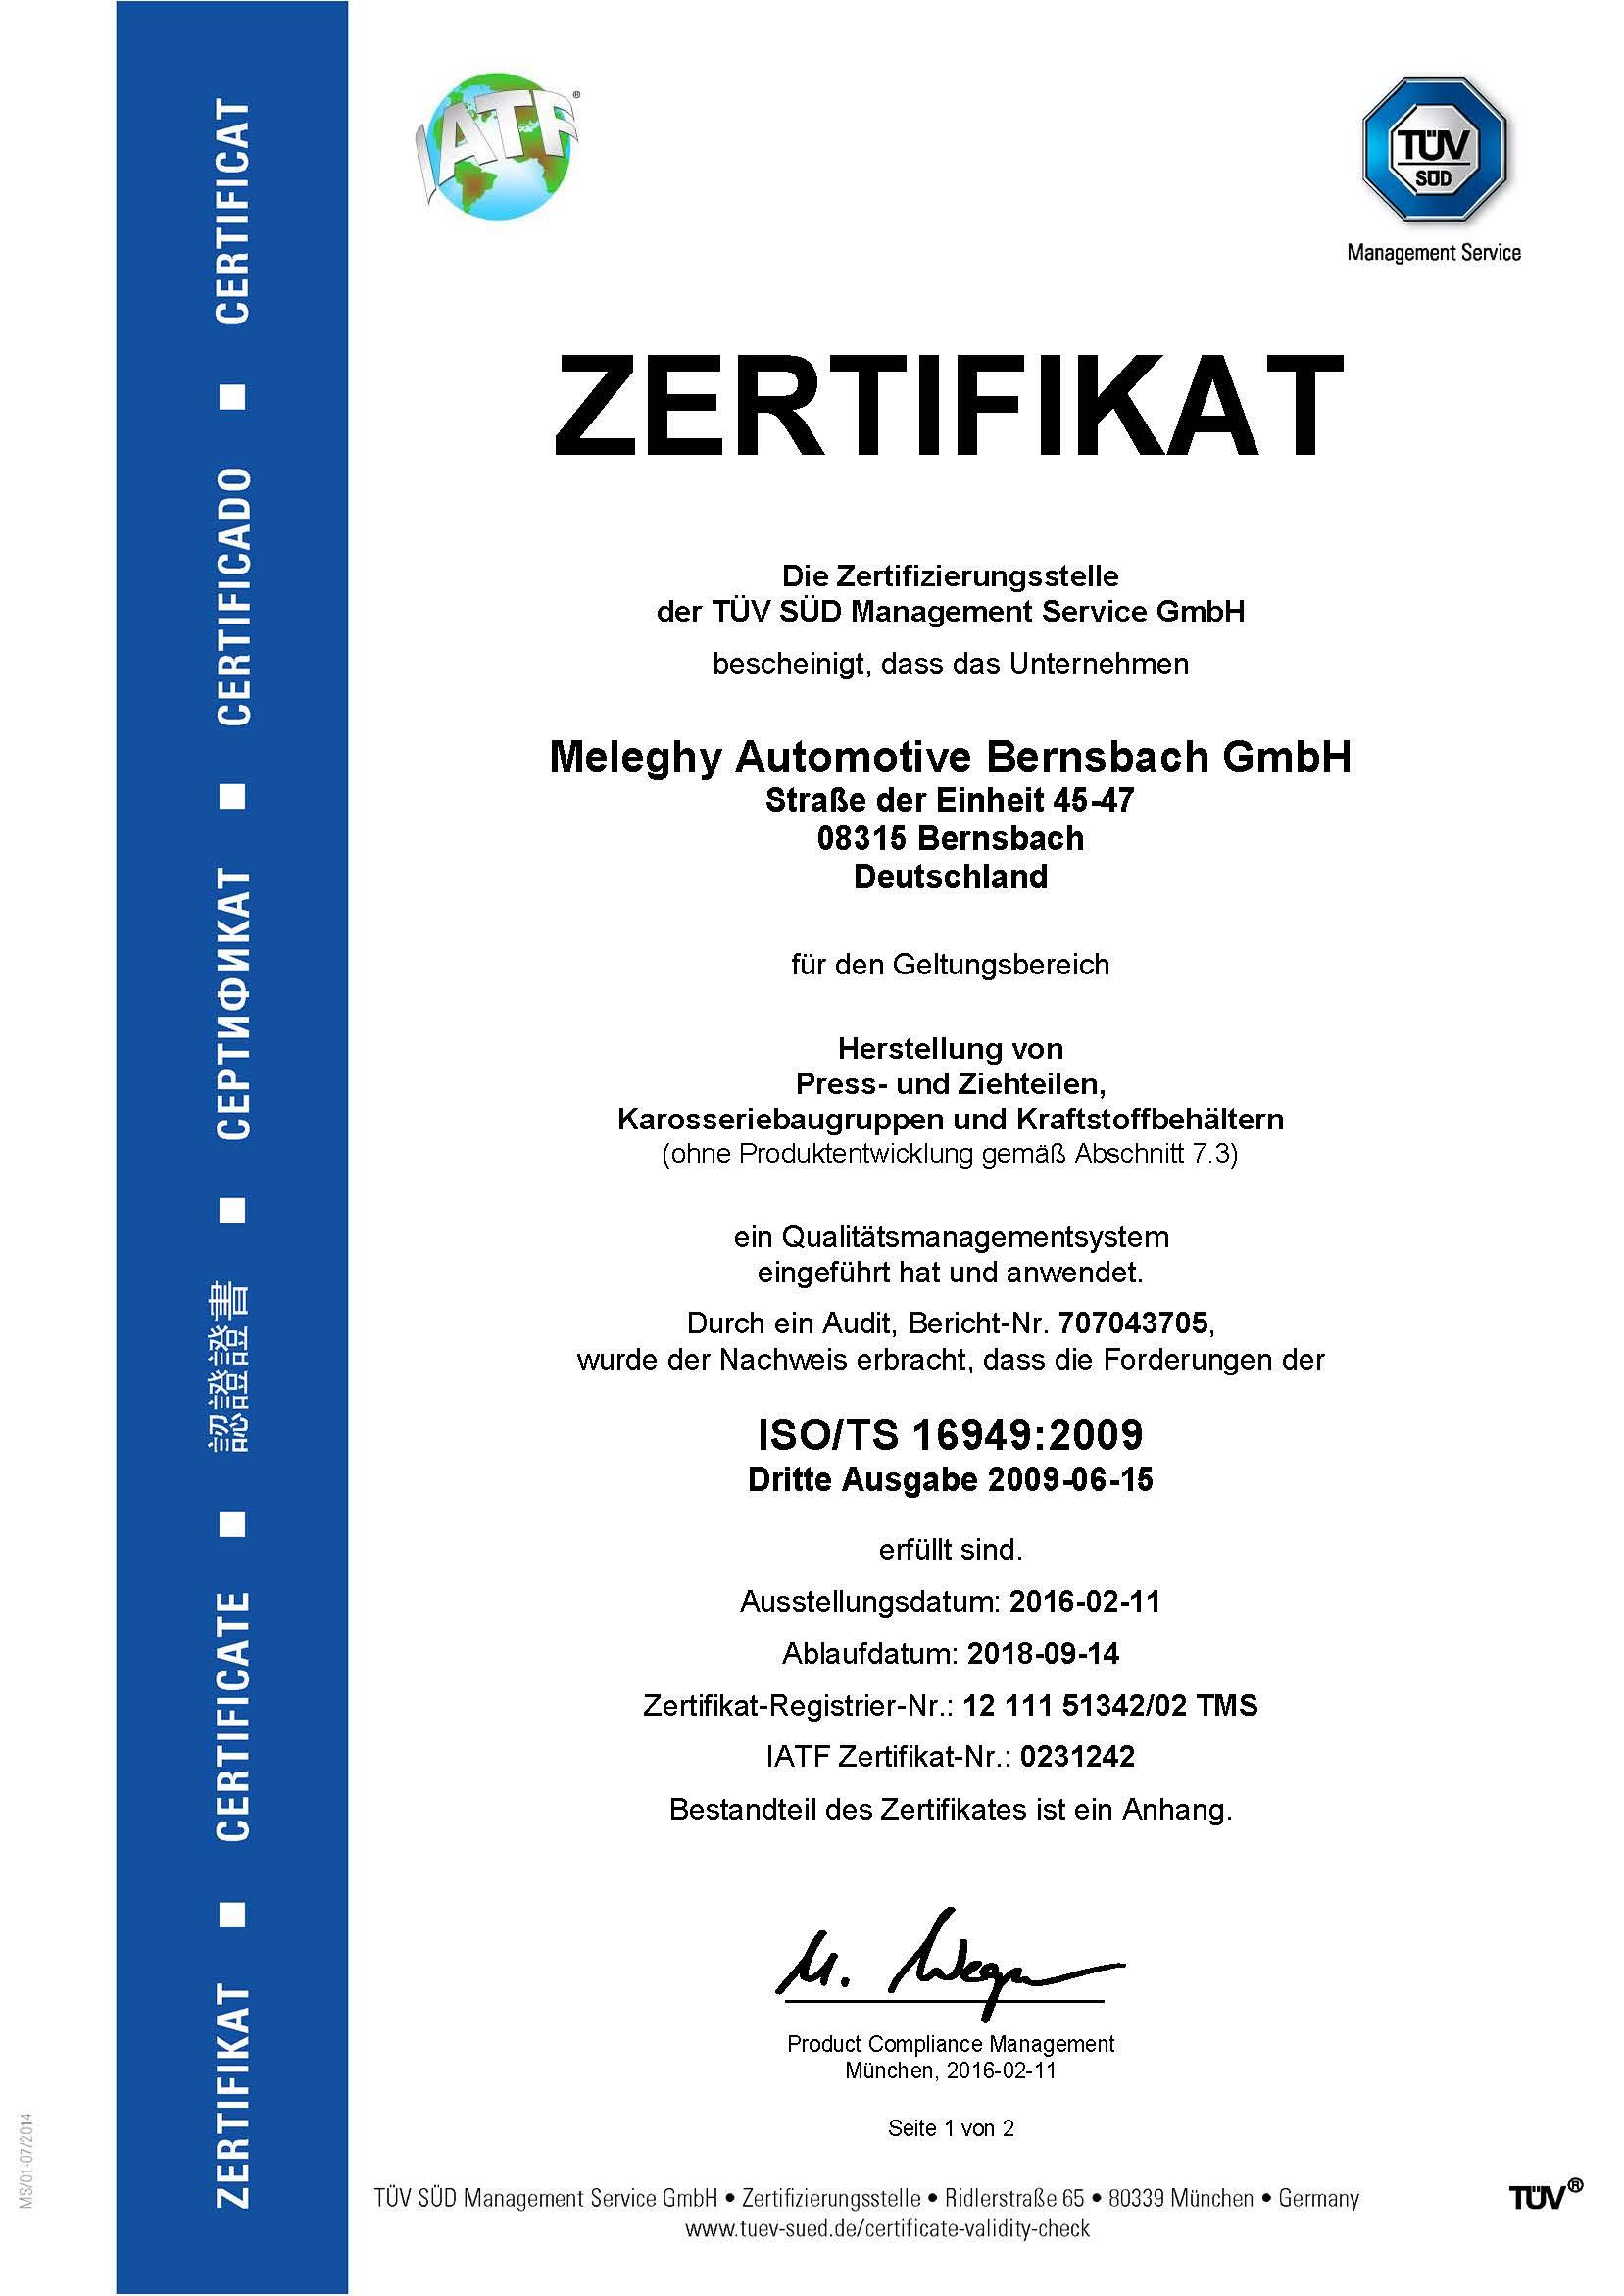 Meleghy Automotive Bernsbach Zertifikat ISO_TS 16949_de